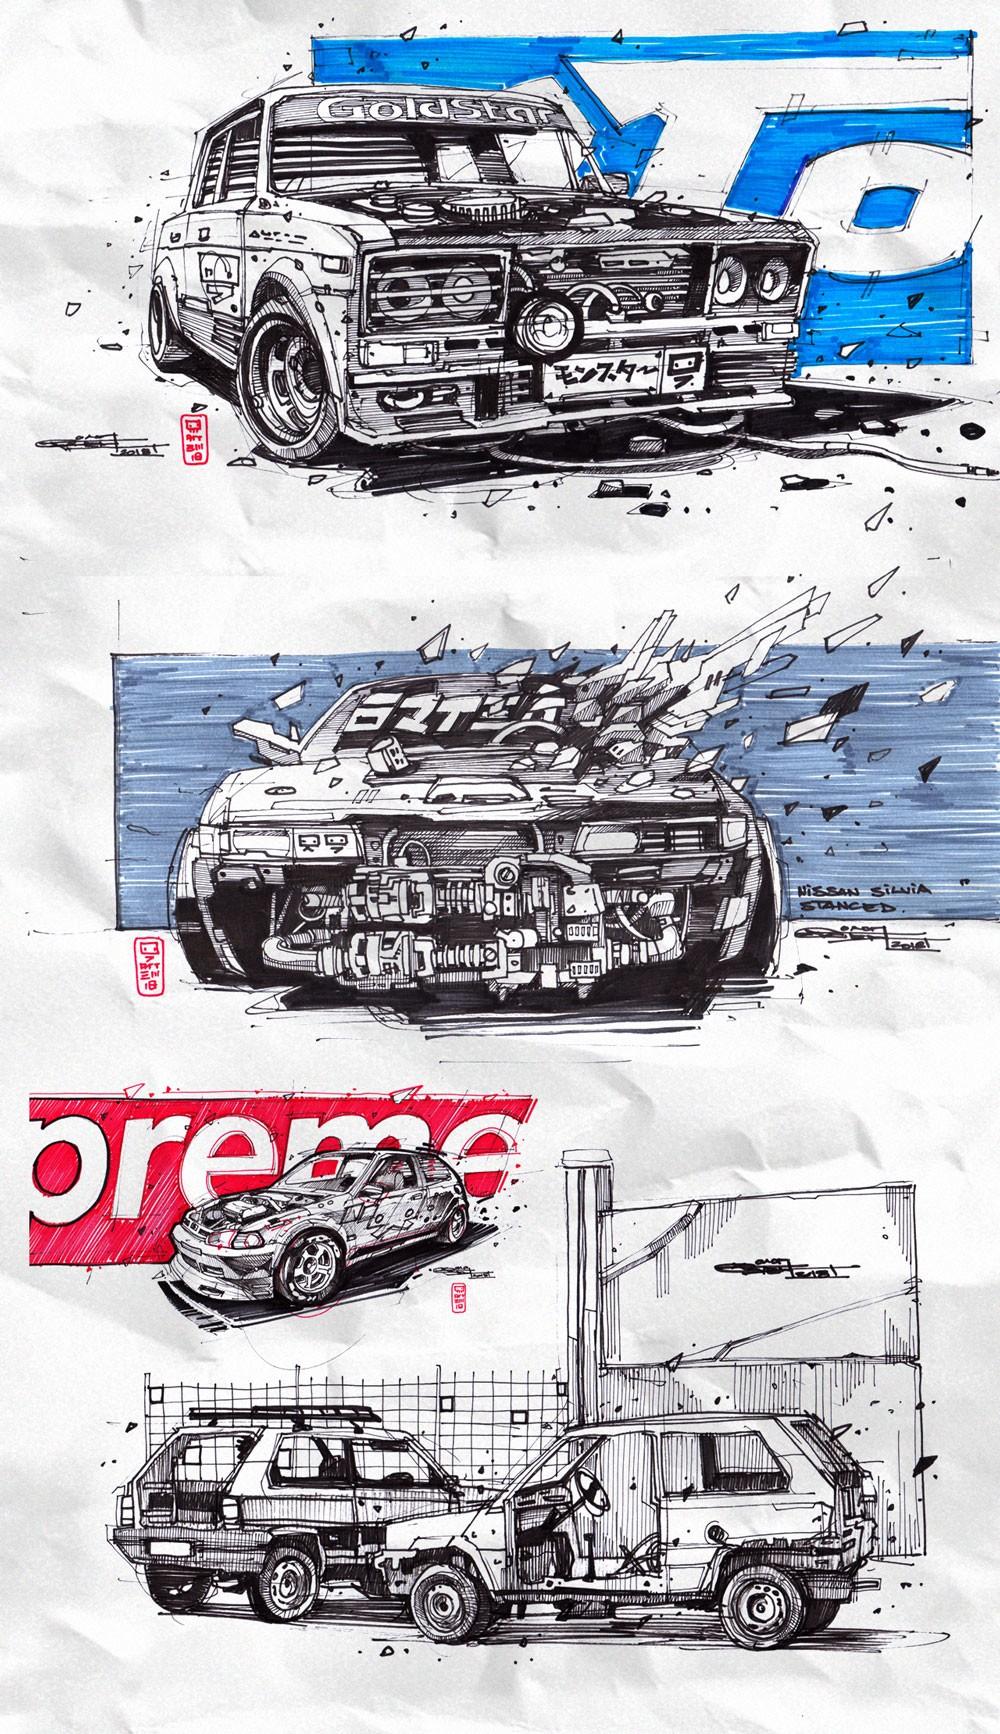 绚丽的涂鸦丨概念原画师Artem Solop作品3